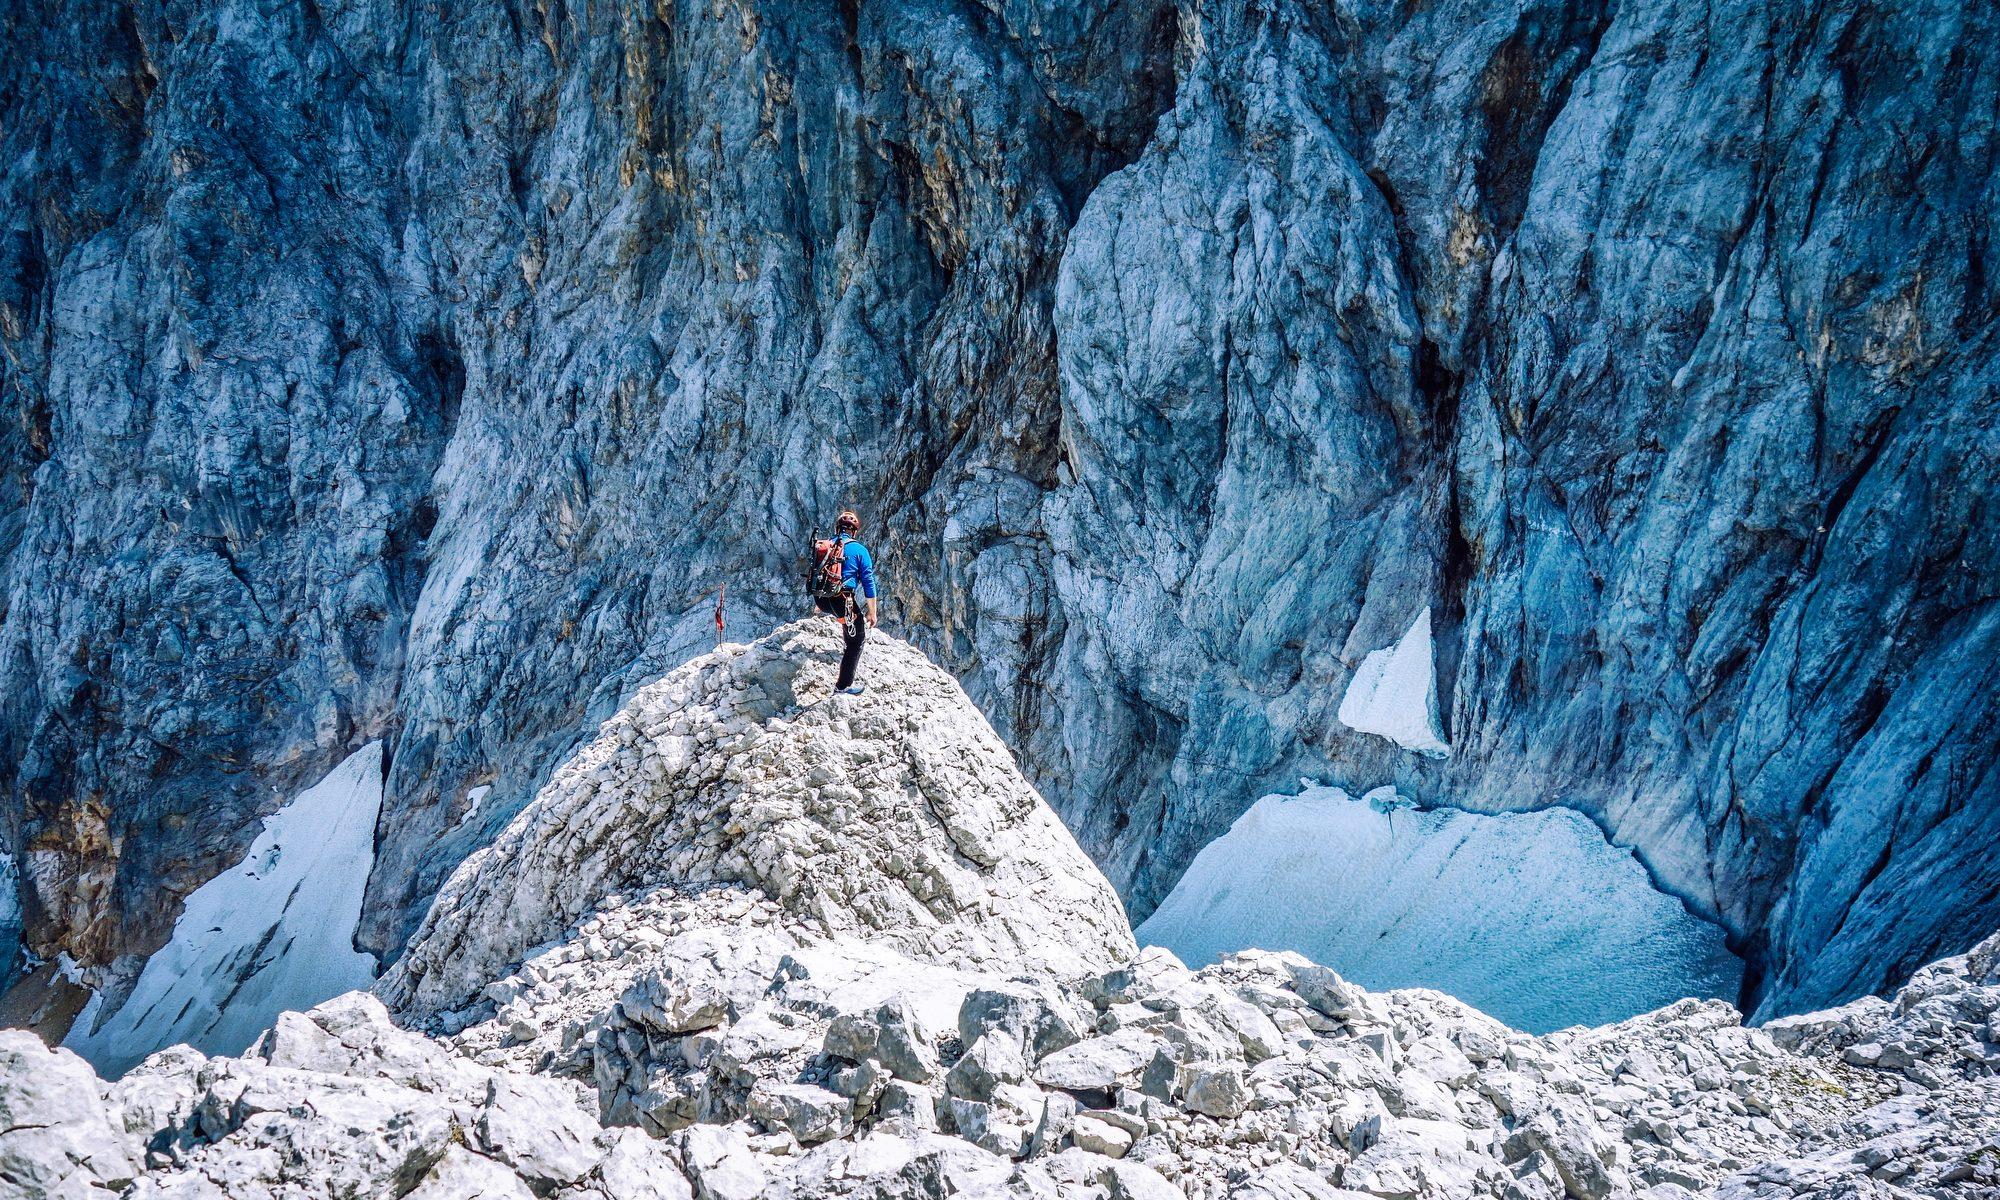 LEICHT FOTOGRAFIE + FILM | Kerstin Leicht